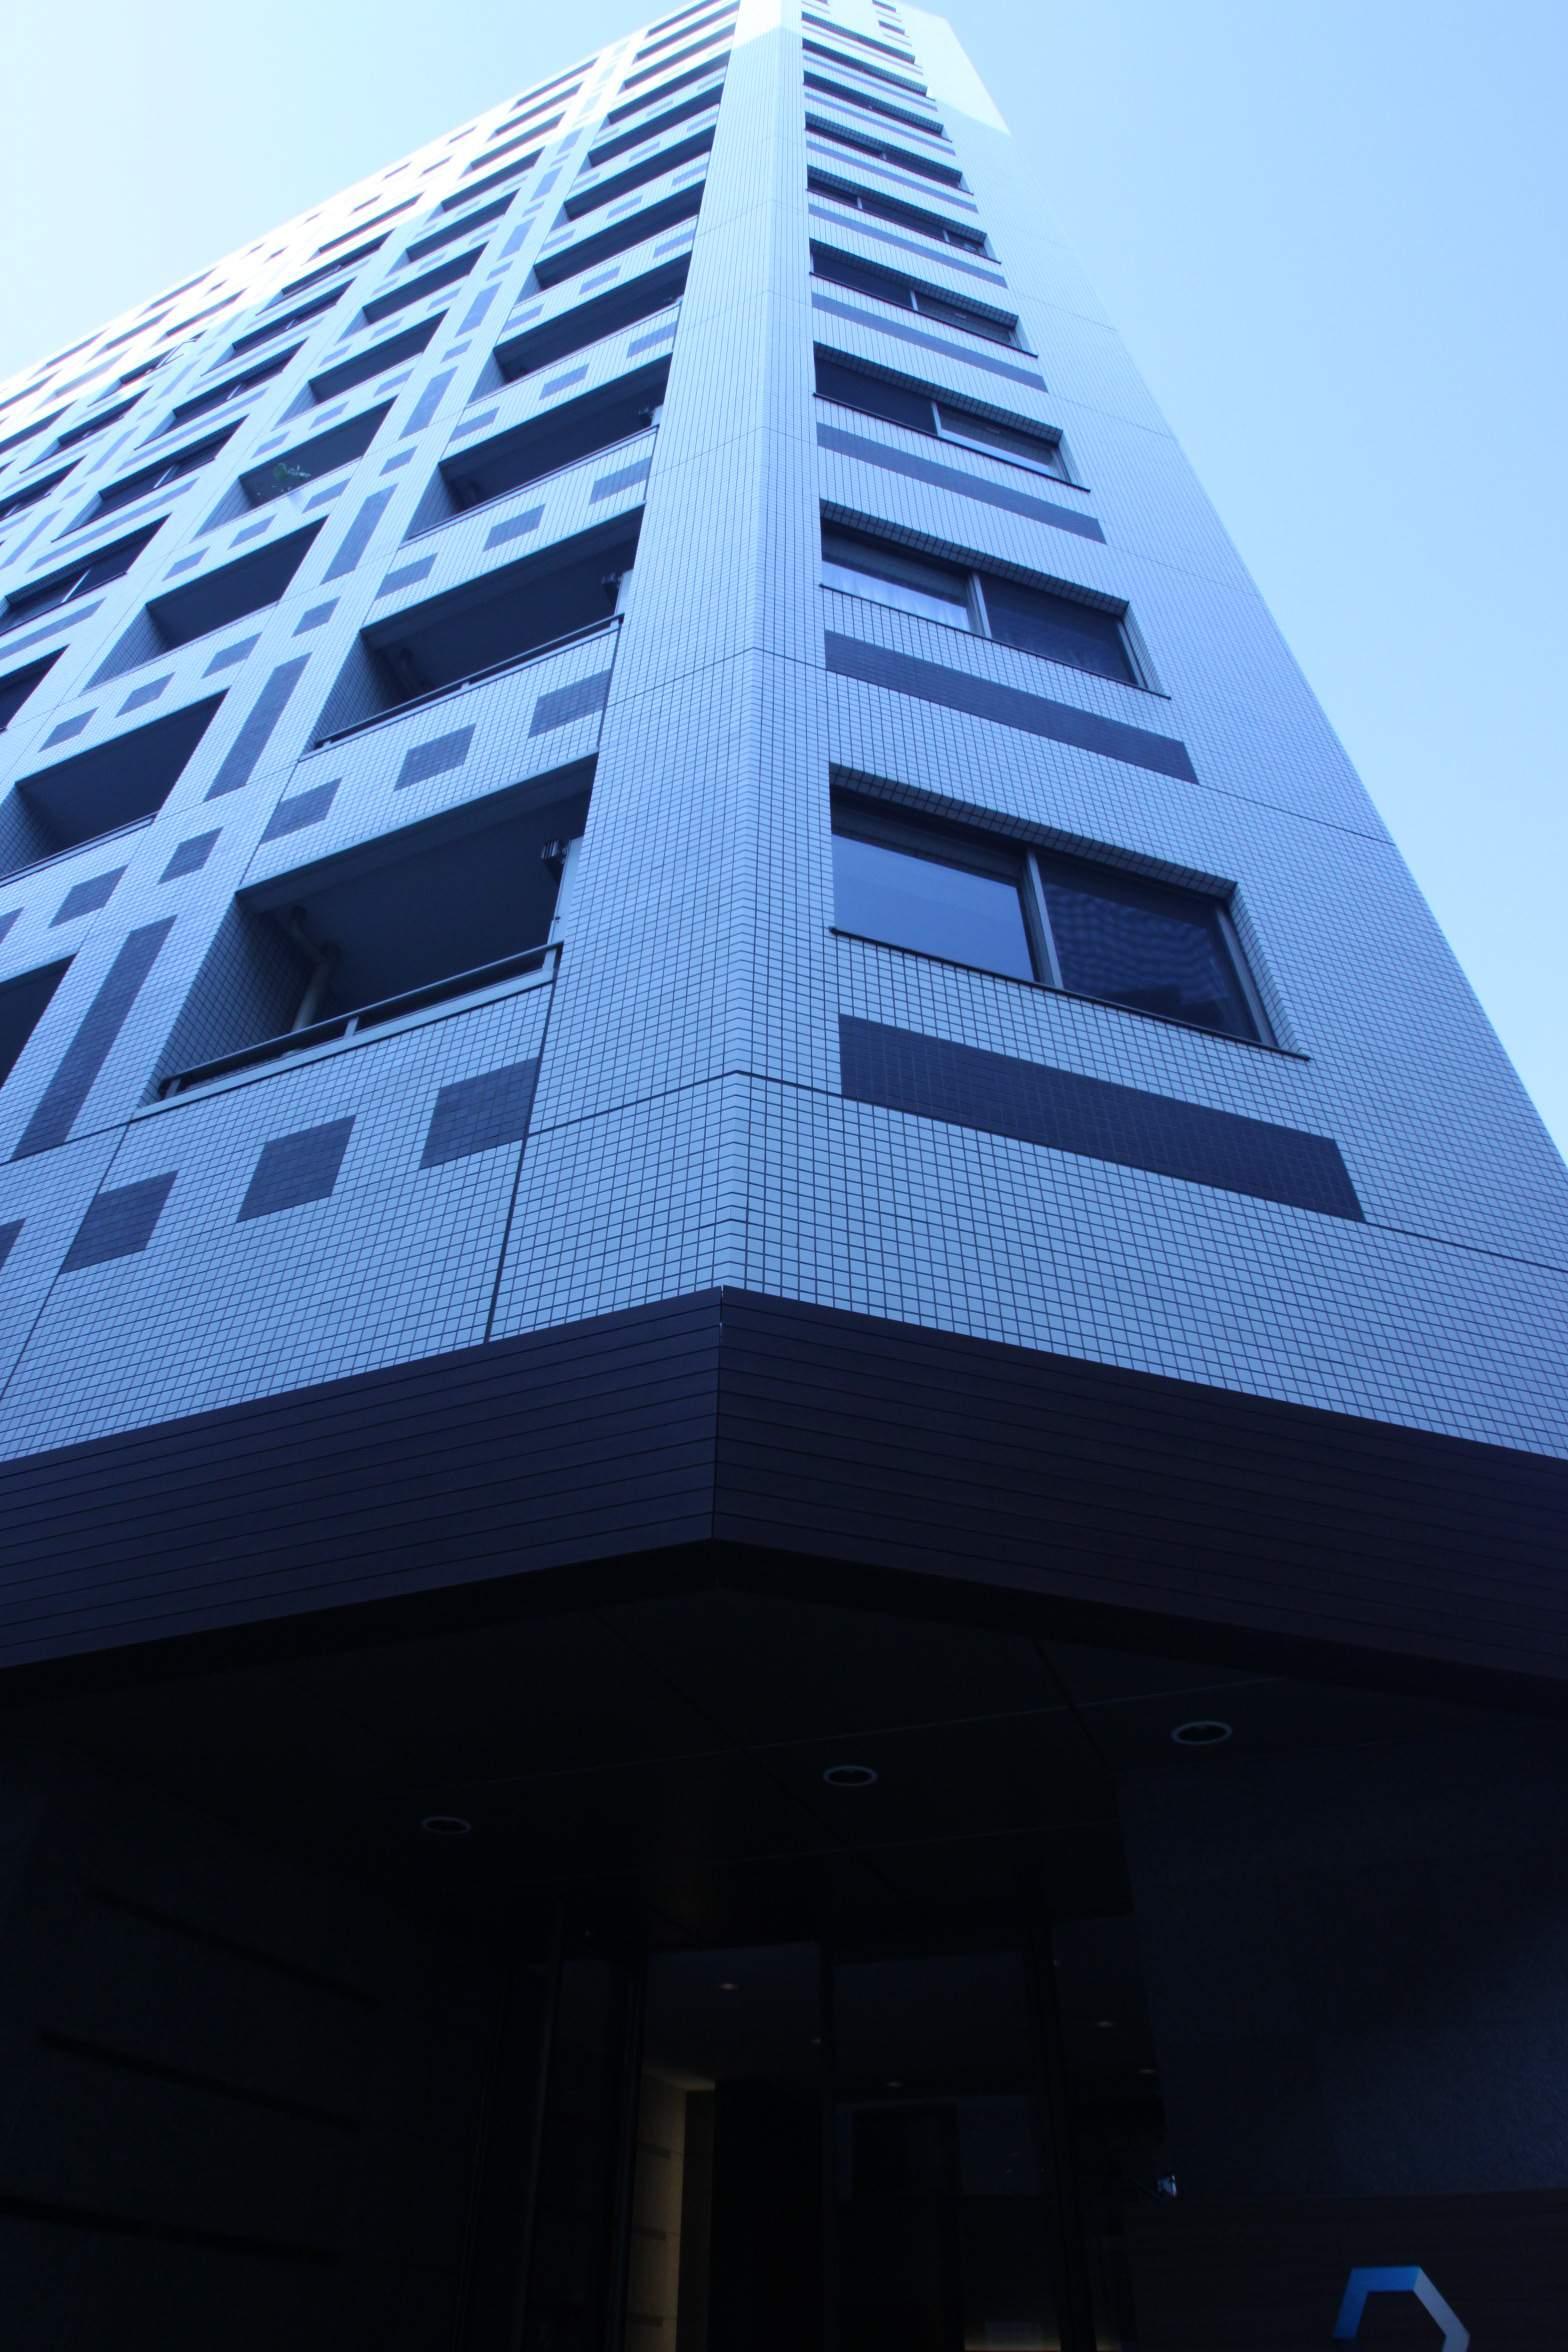 東京都中央区、茅場町駅徒歩5分の築12年 12階建の賃貸マンション